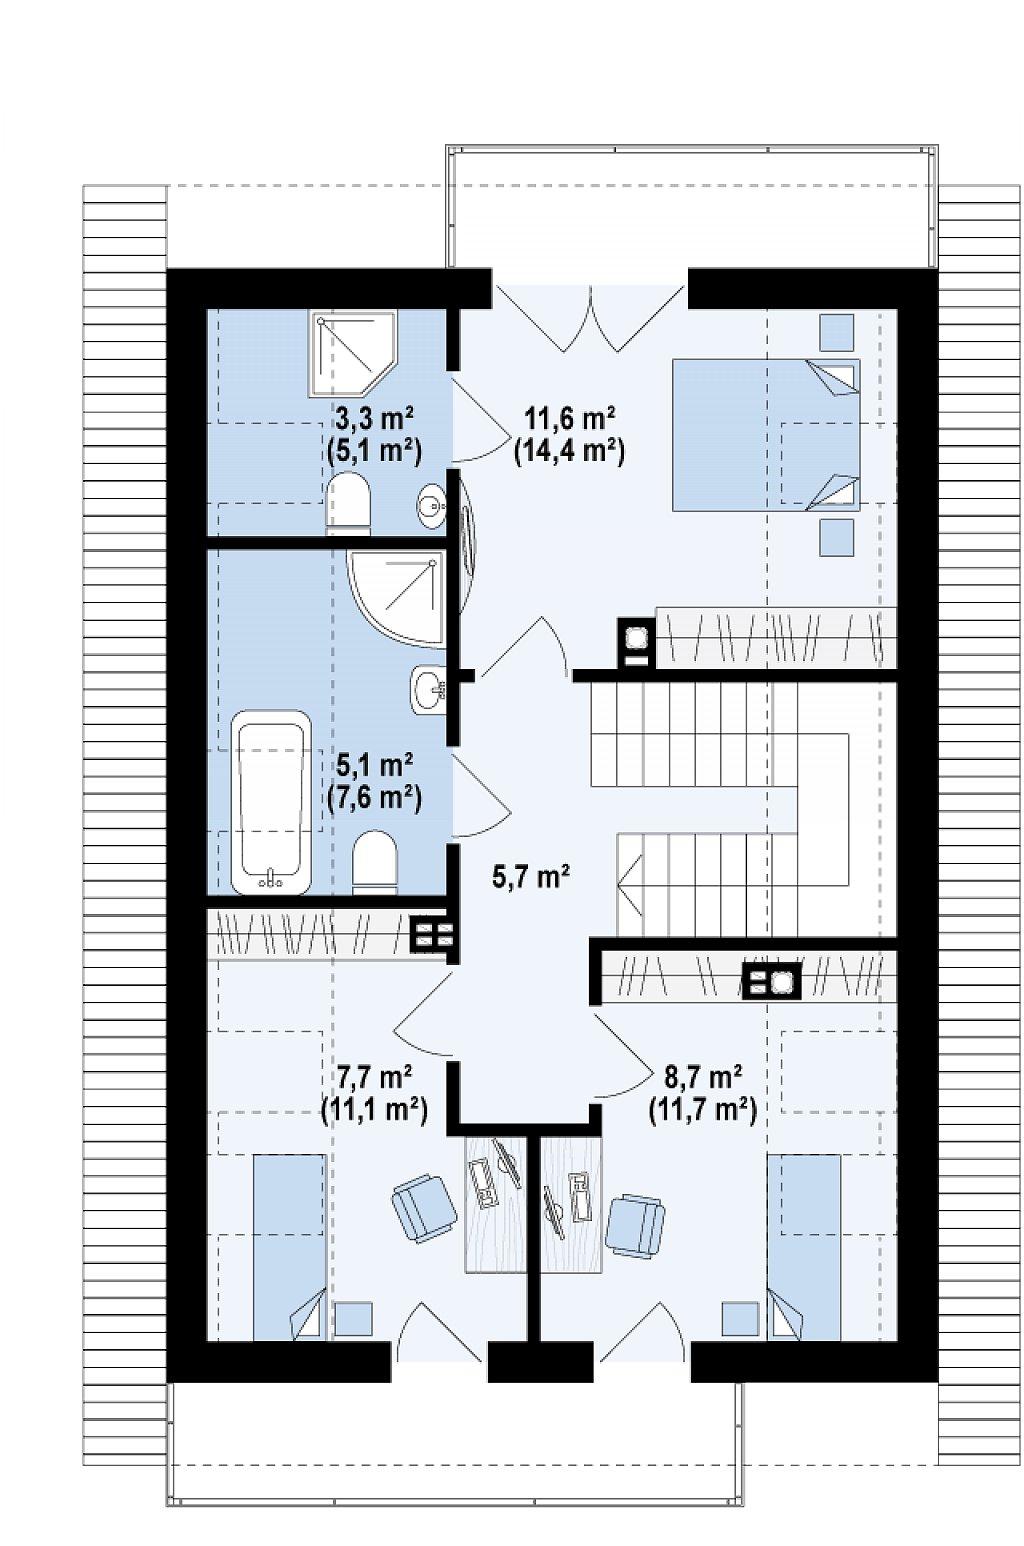 Функциональный аккуратный дом с мансардой, также для узкого участка. план помещений 2